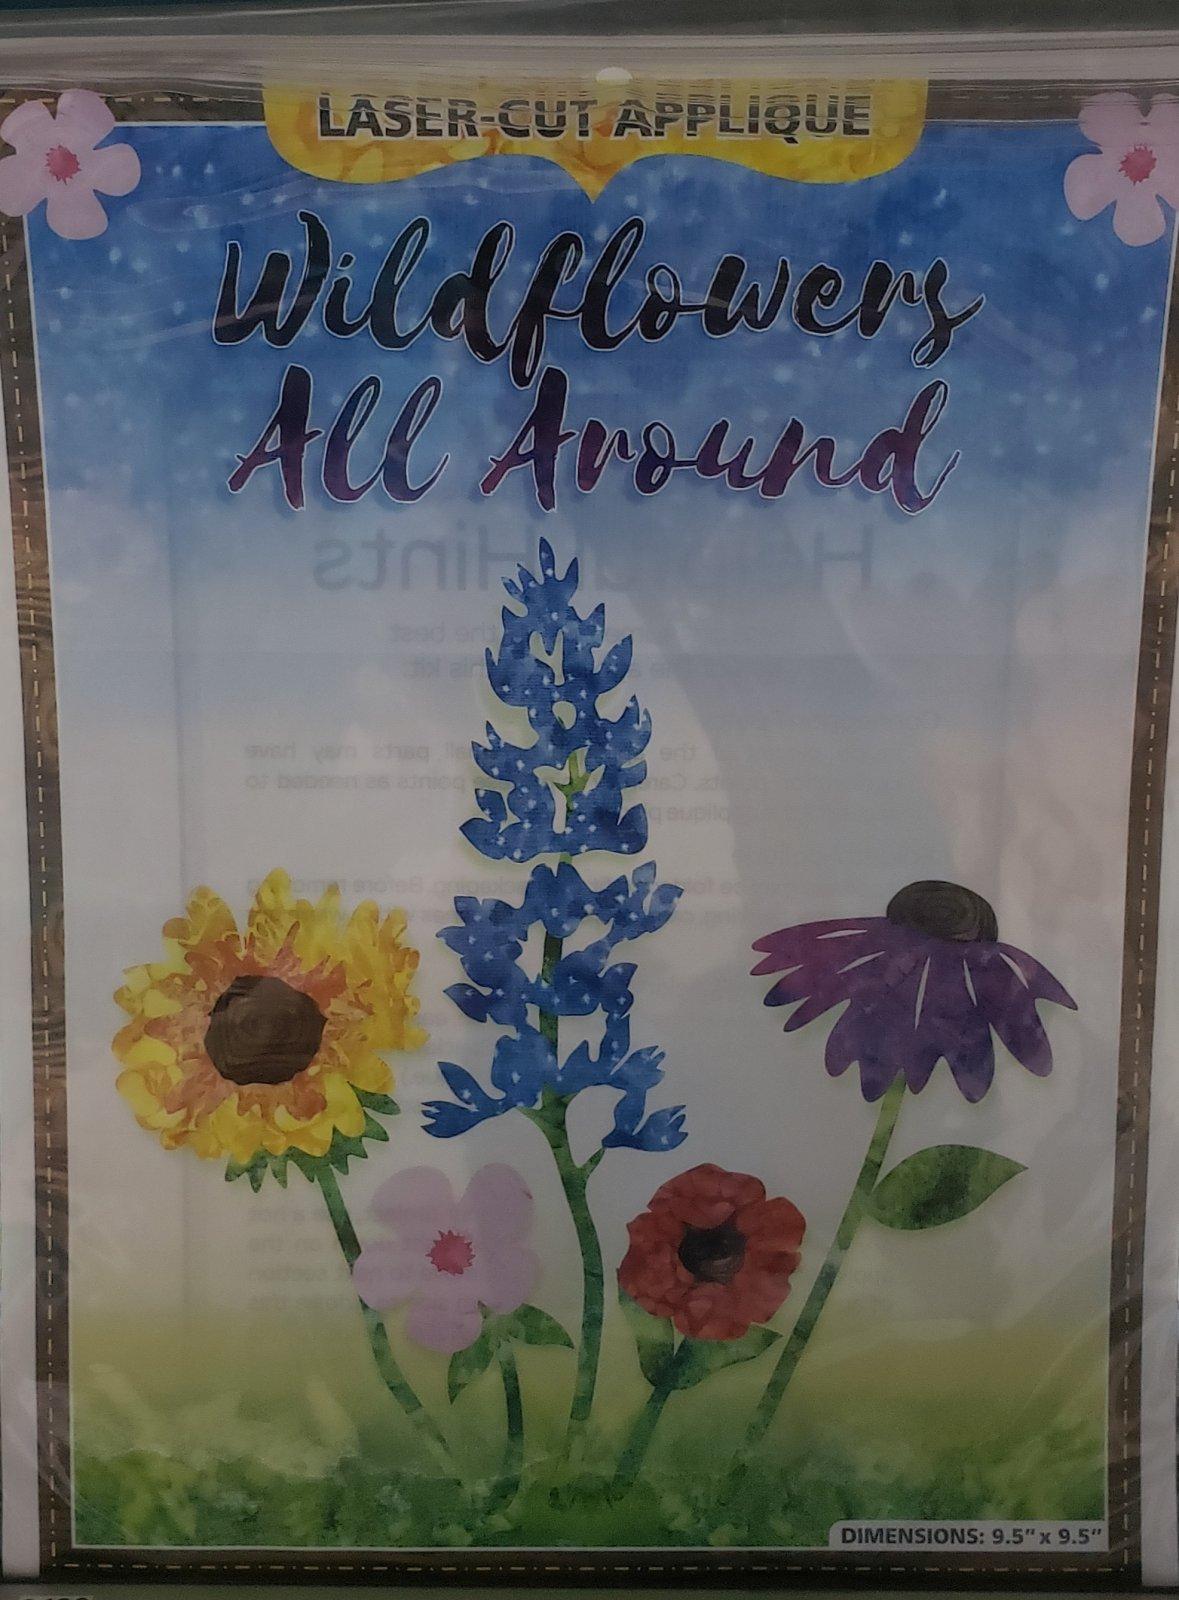 Westfield Wildflowers All Around Laser Cut Applique Kit